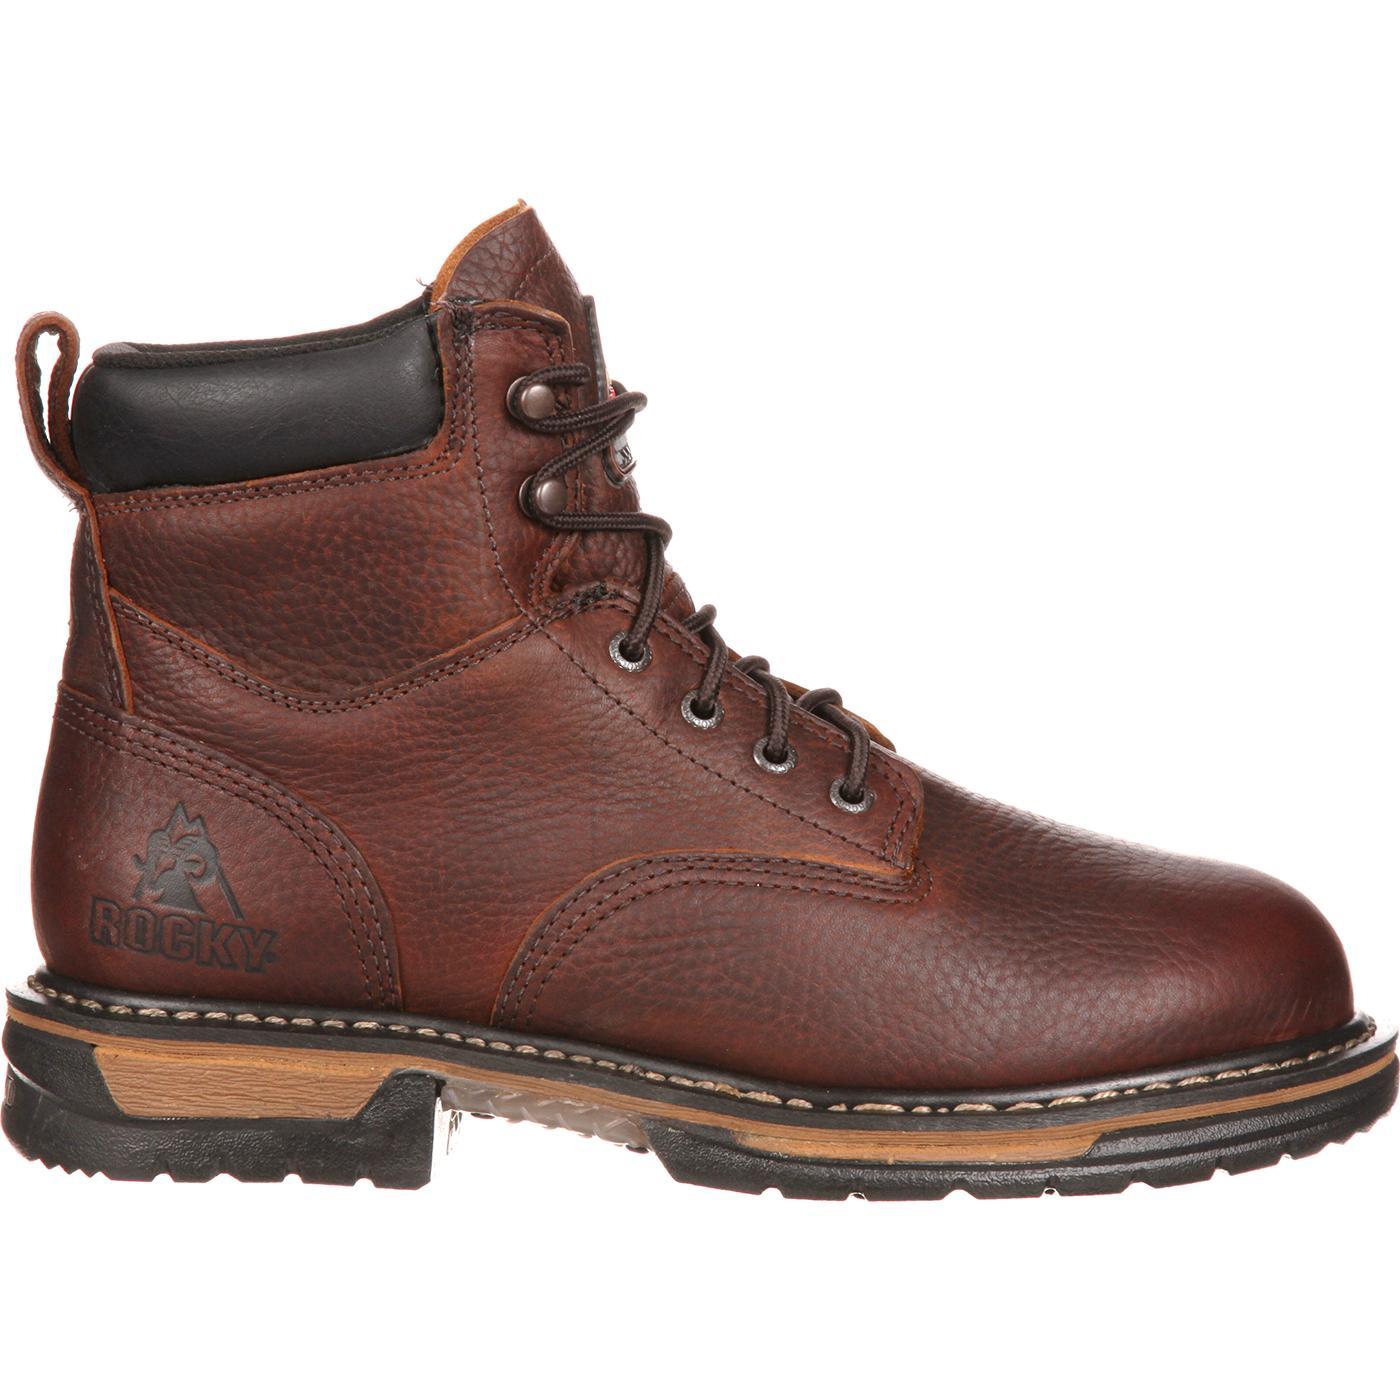 156132ce364 Rocky IronClad Steel Toe Waterproof Work Boots